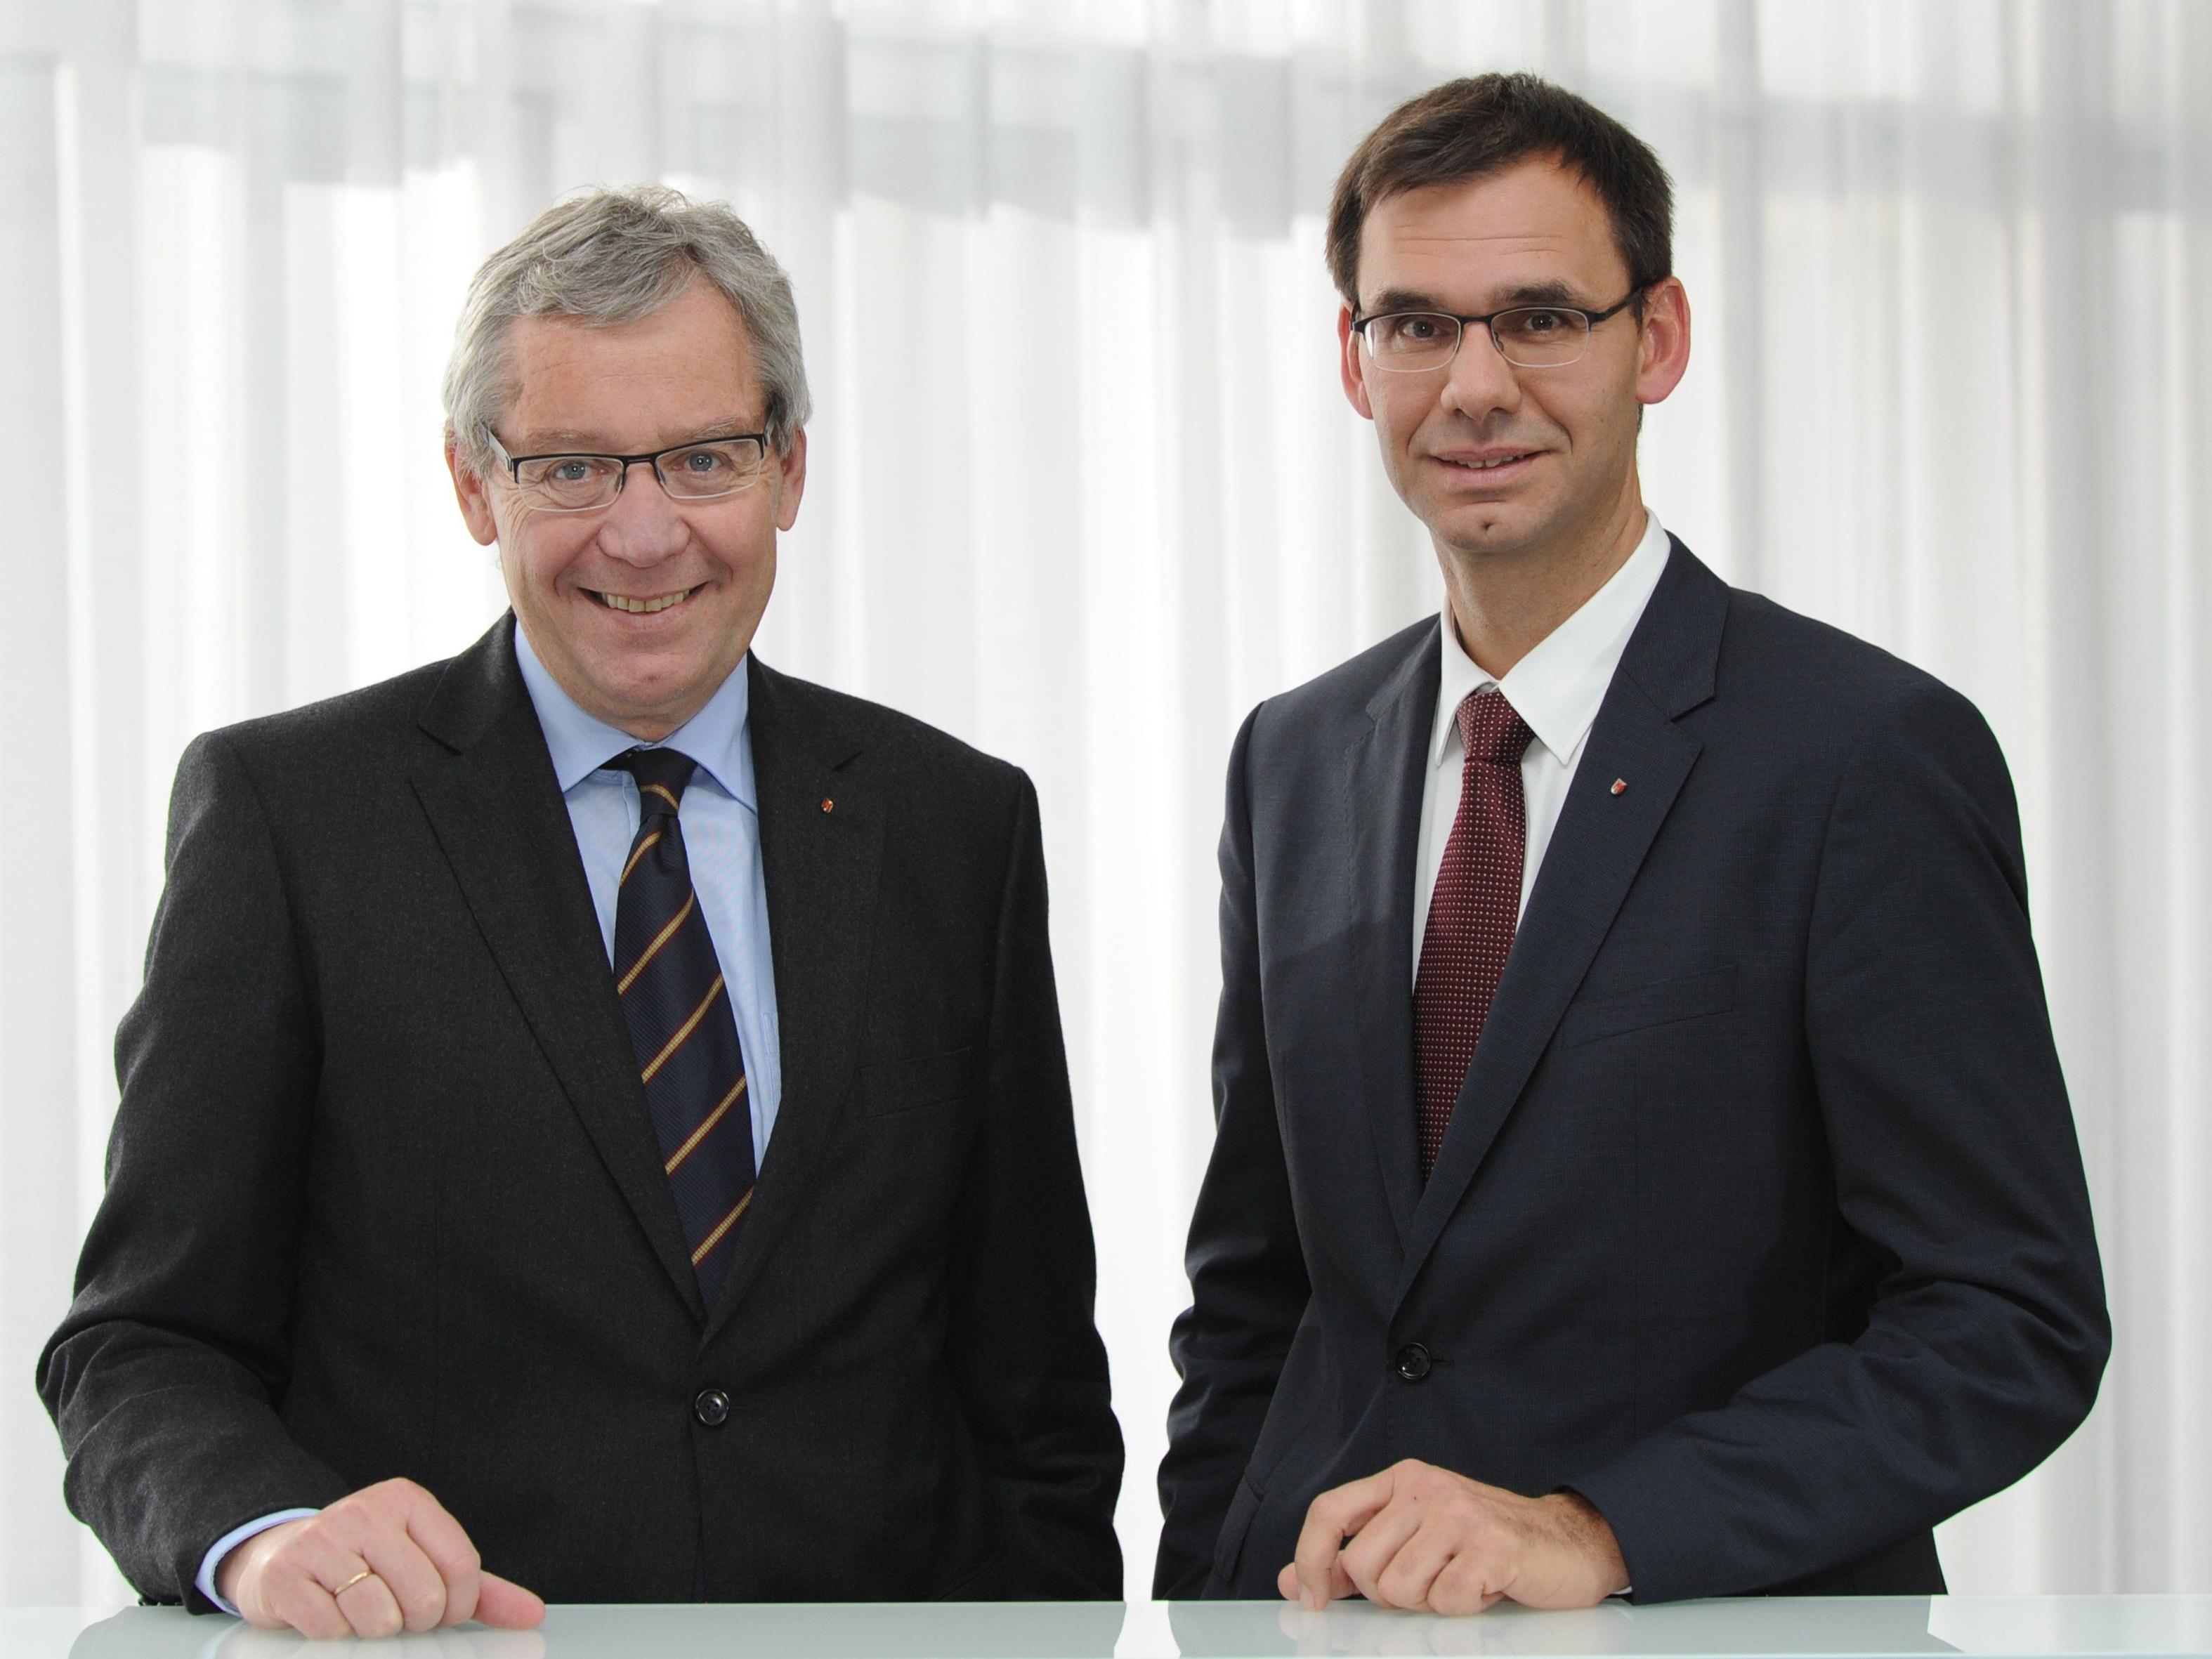 LH Wallner und LSth. Rüdisser: Erneuter Beleg für Wettbewerbsfähigkeit der heimischen Wirtschaft.